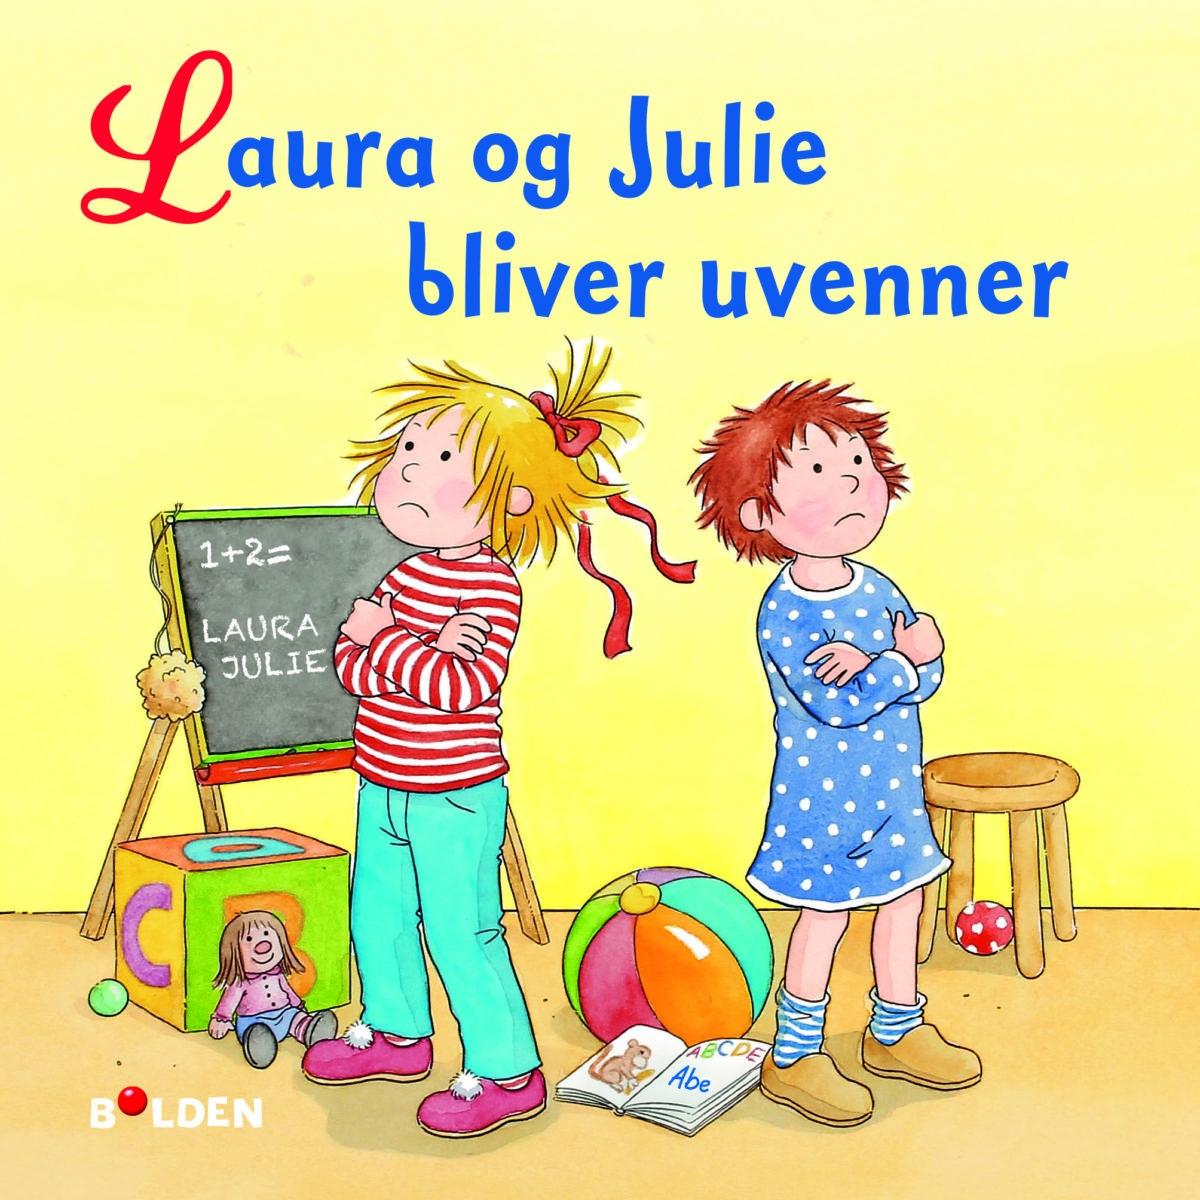 Laura og Julie bliver uvenner